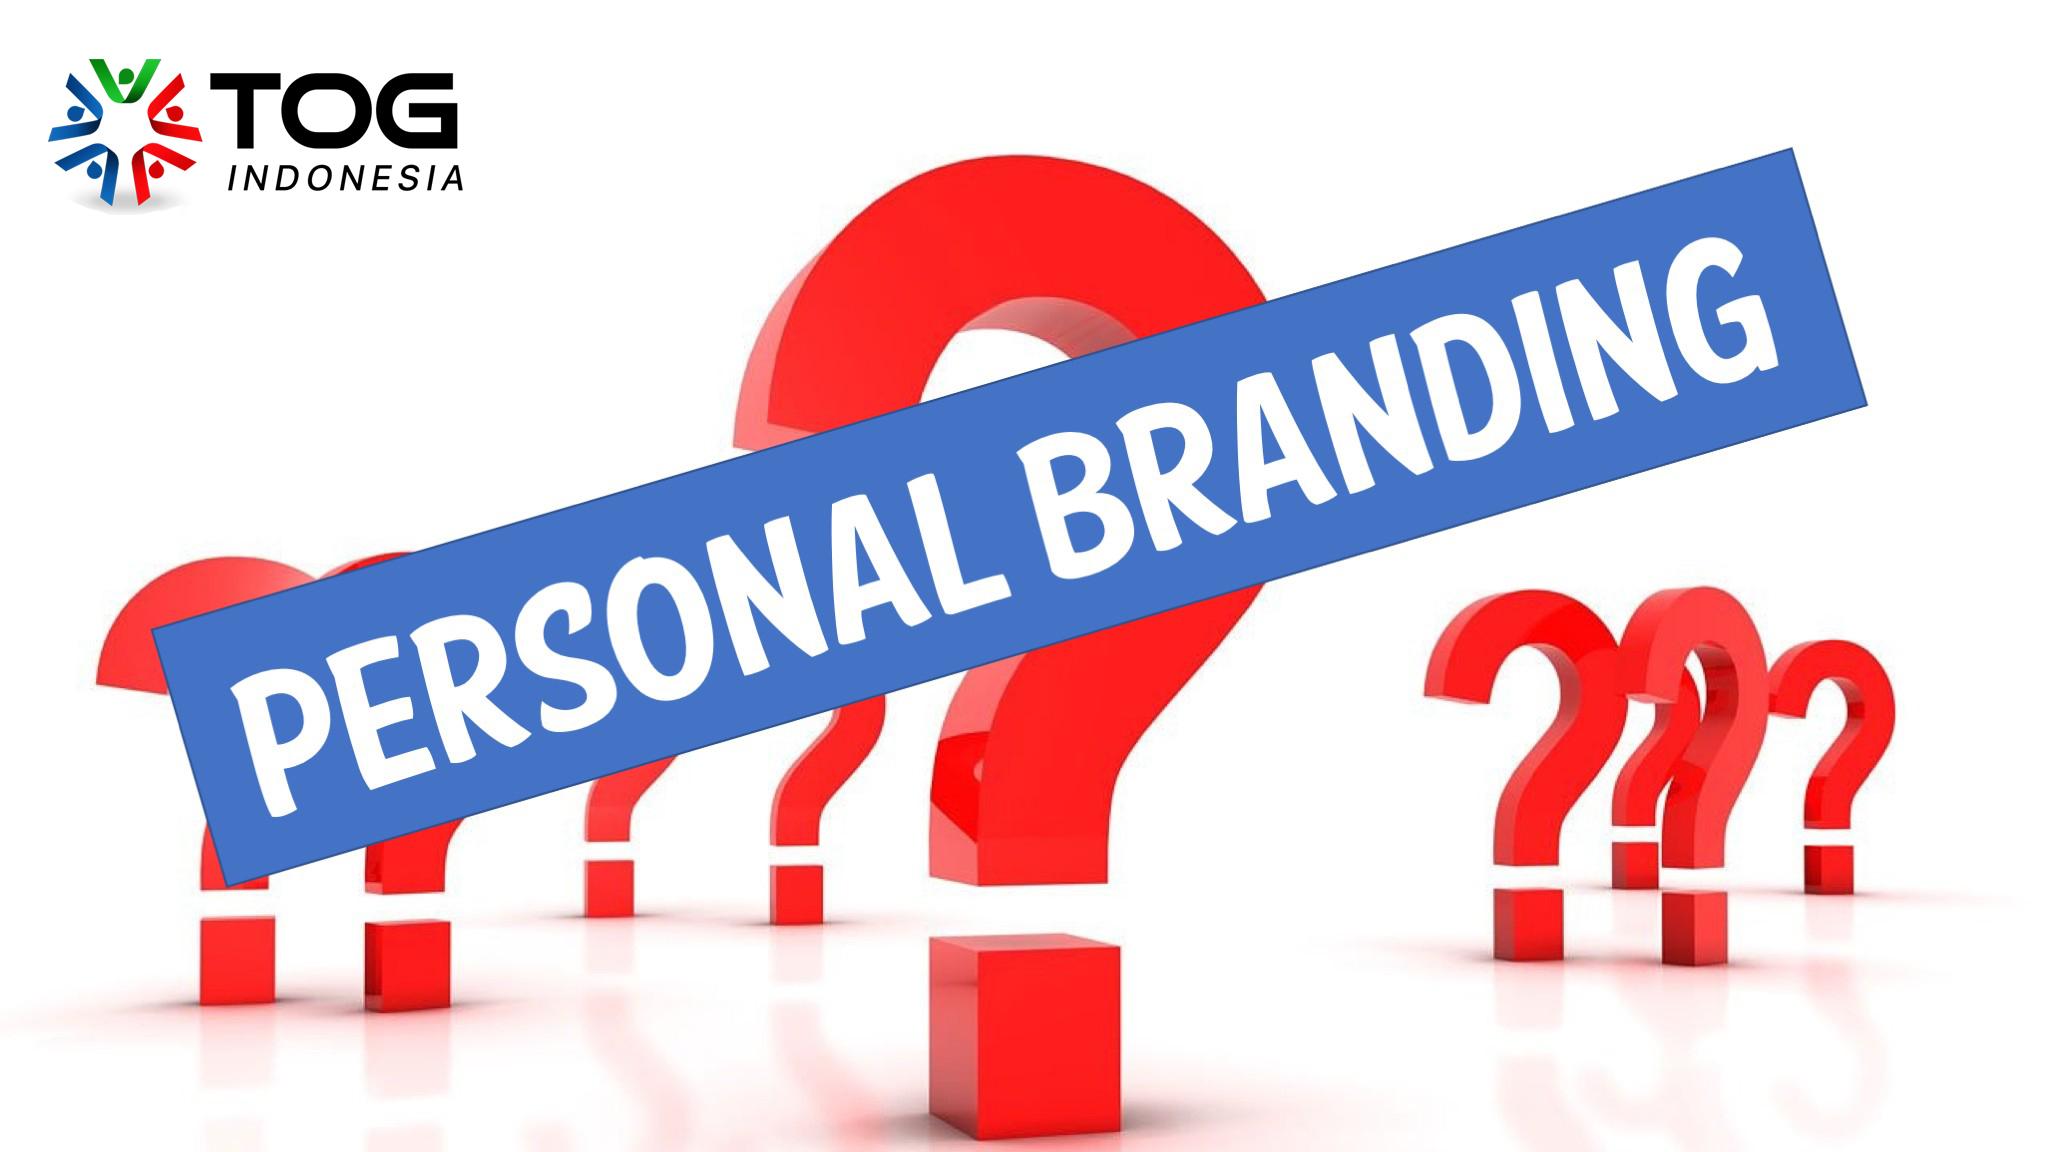 Membangun Personal Branding, Perlukah?